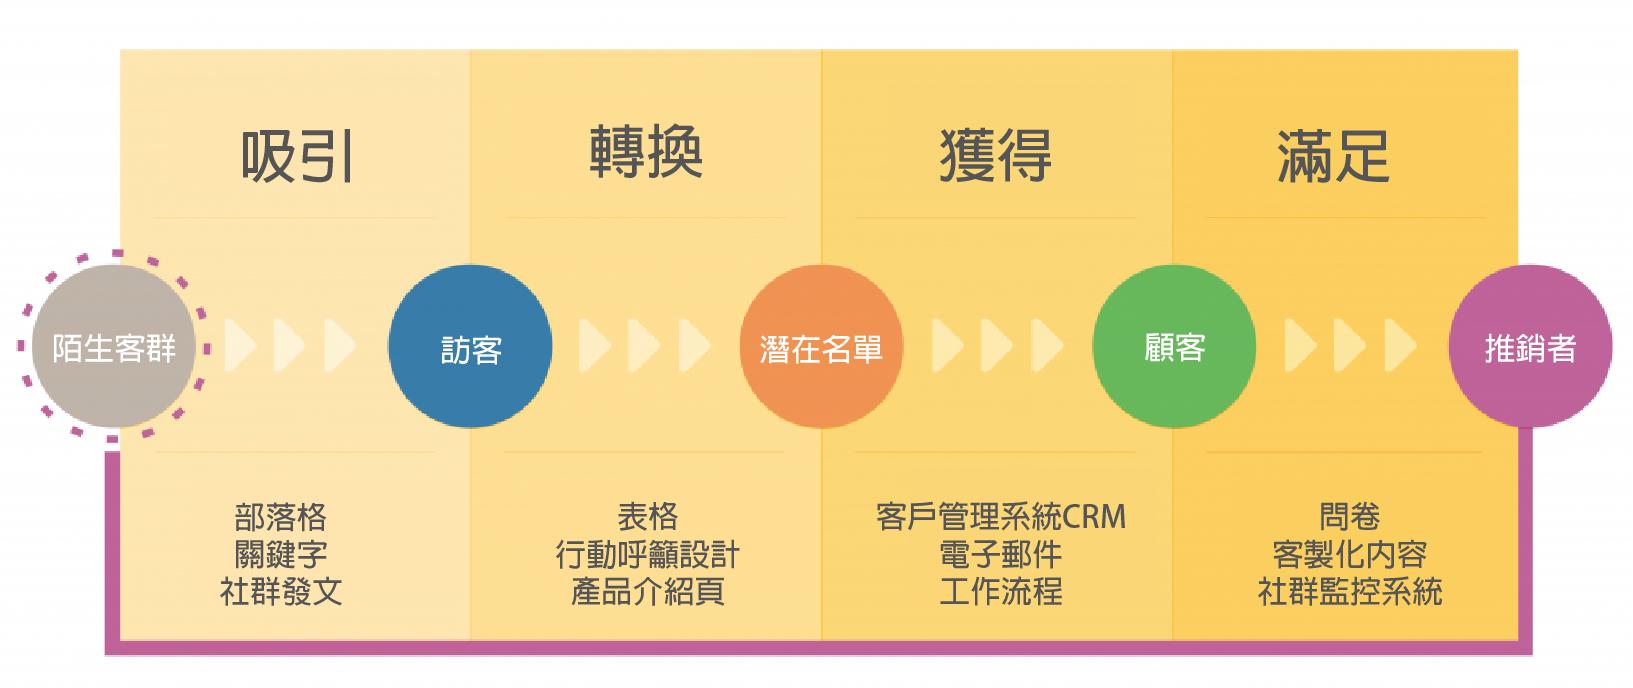 集客式行銷轉換流程